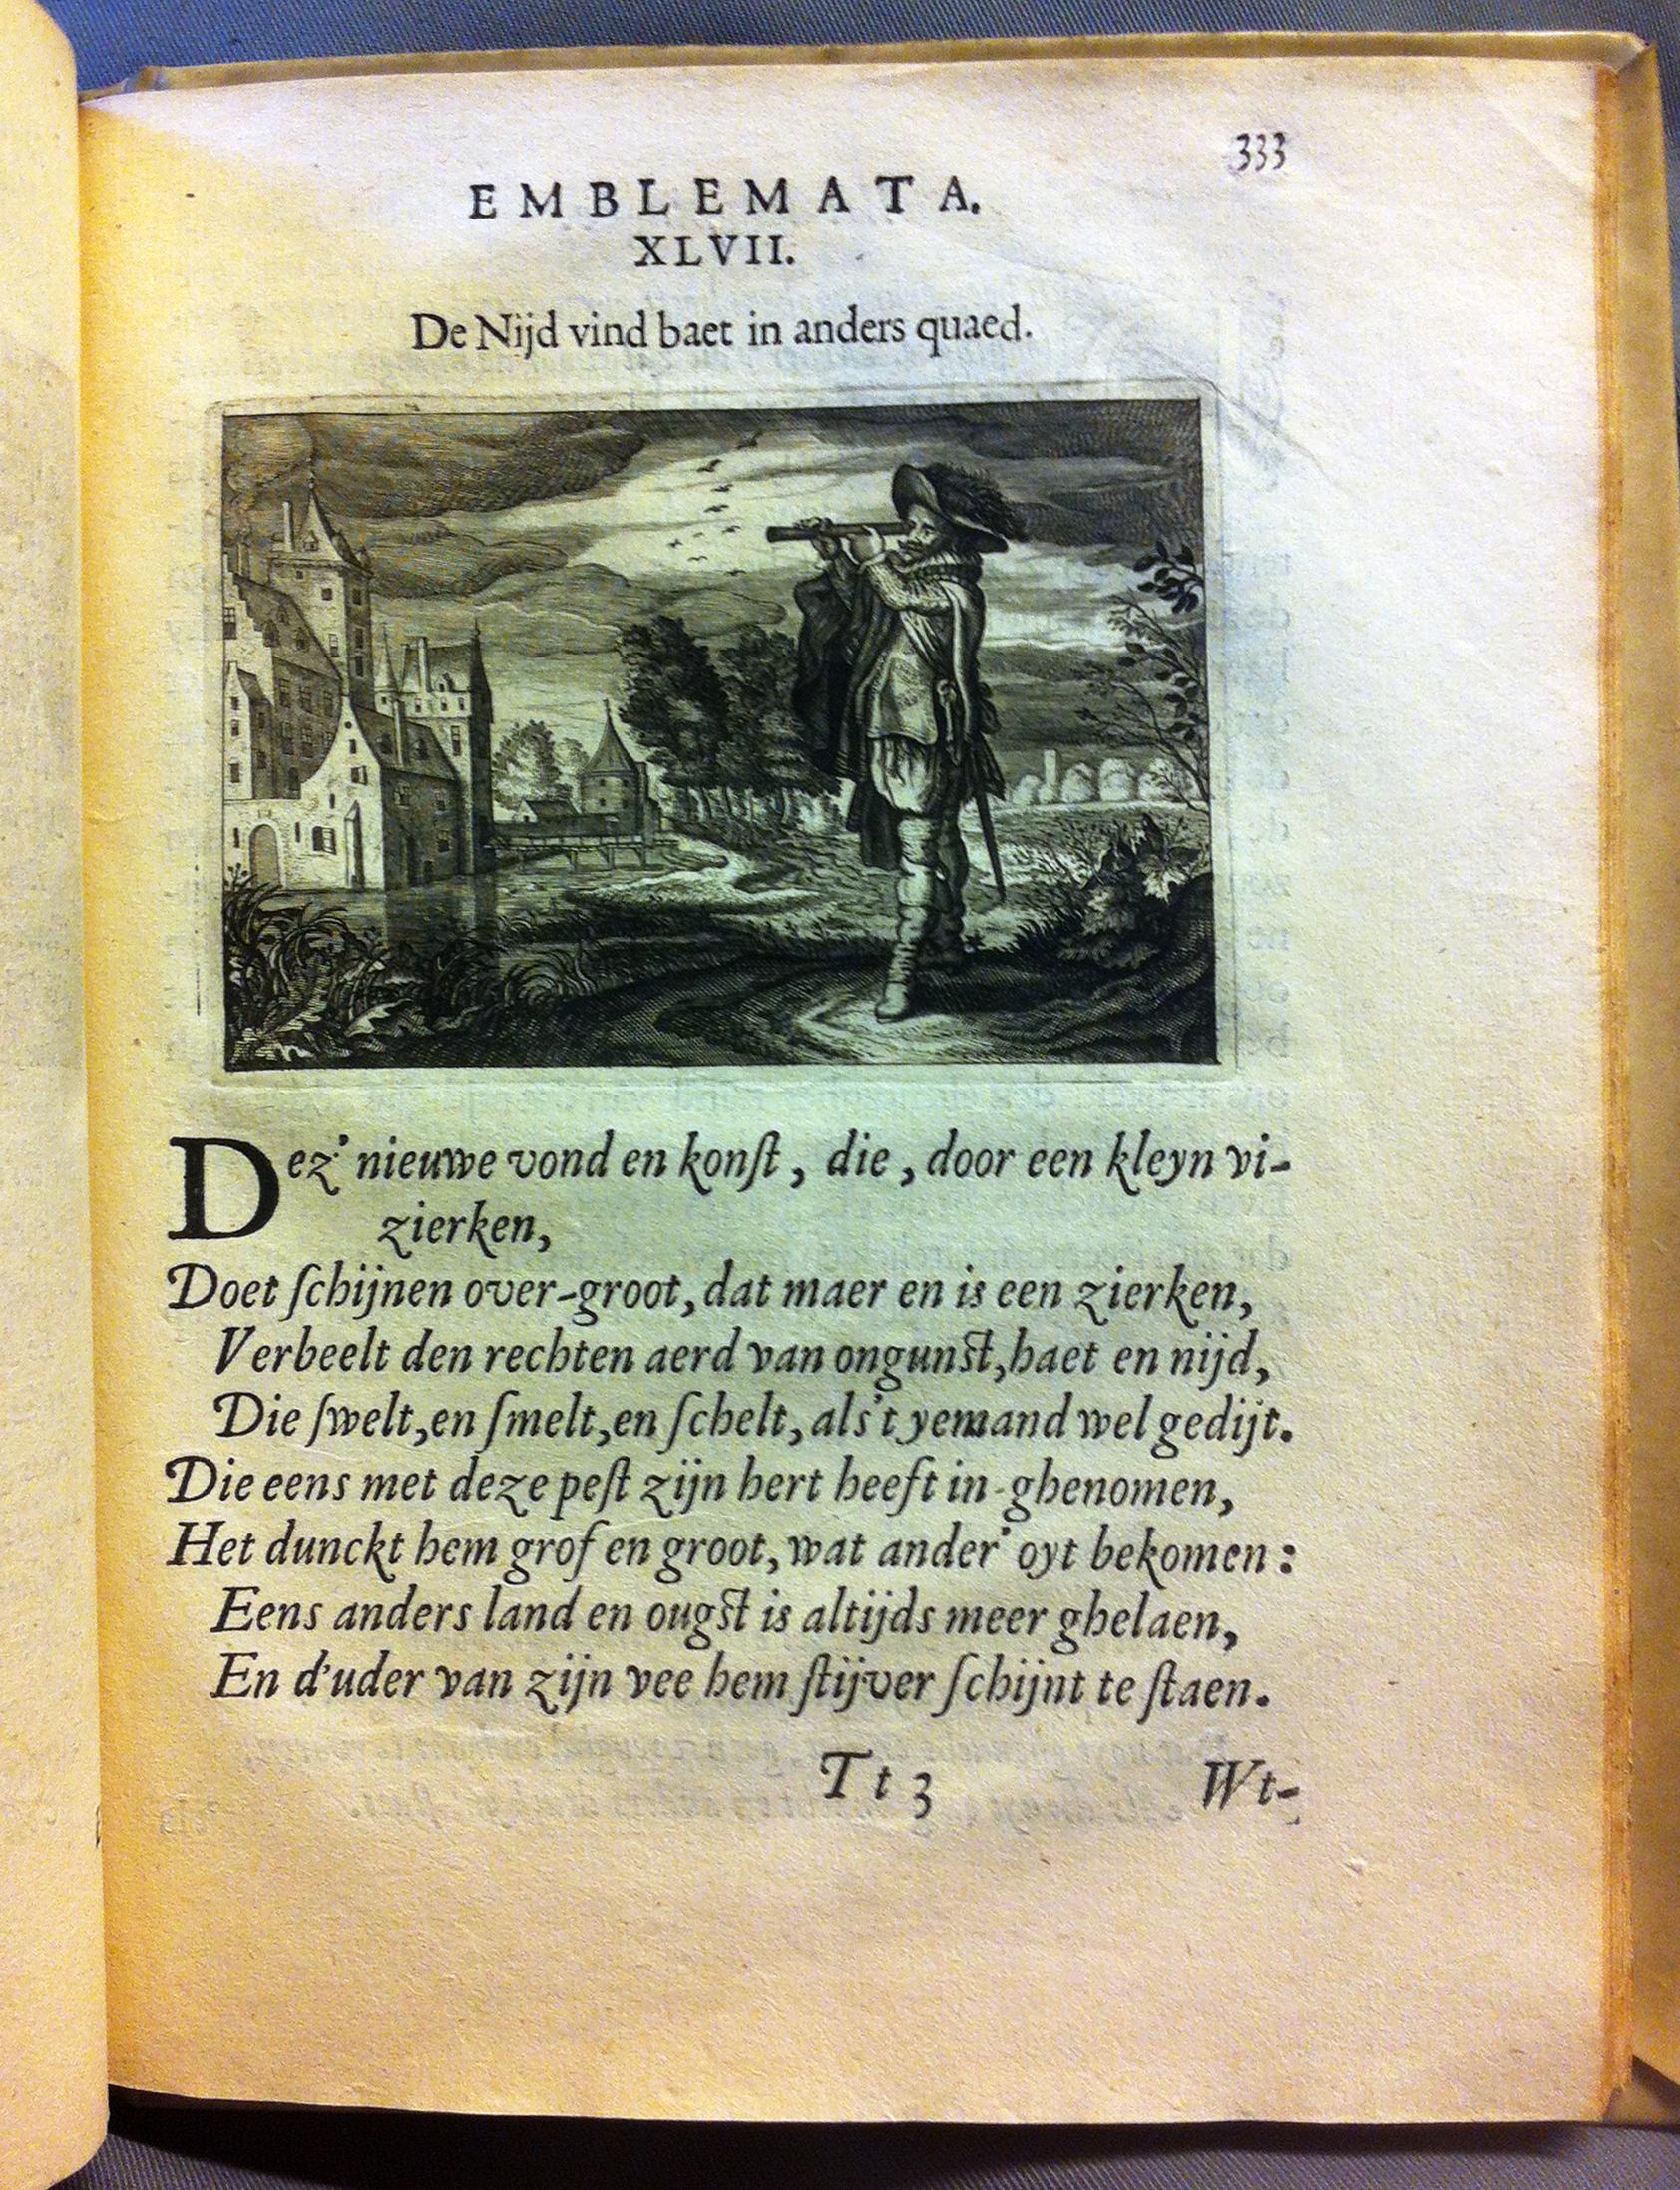 Johan de brune   emblemata   1624